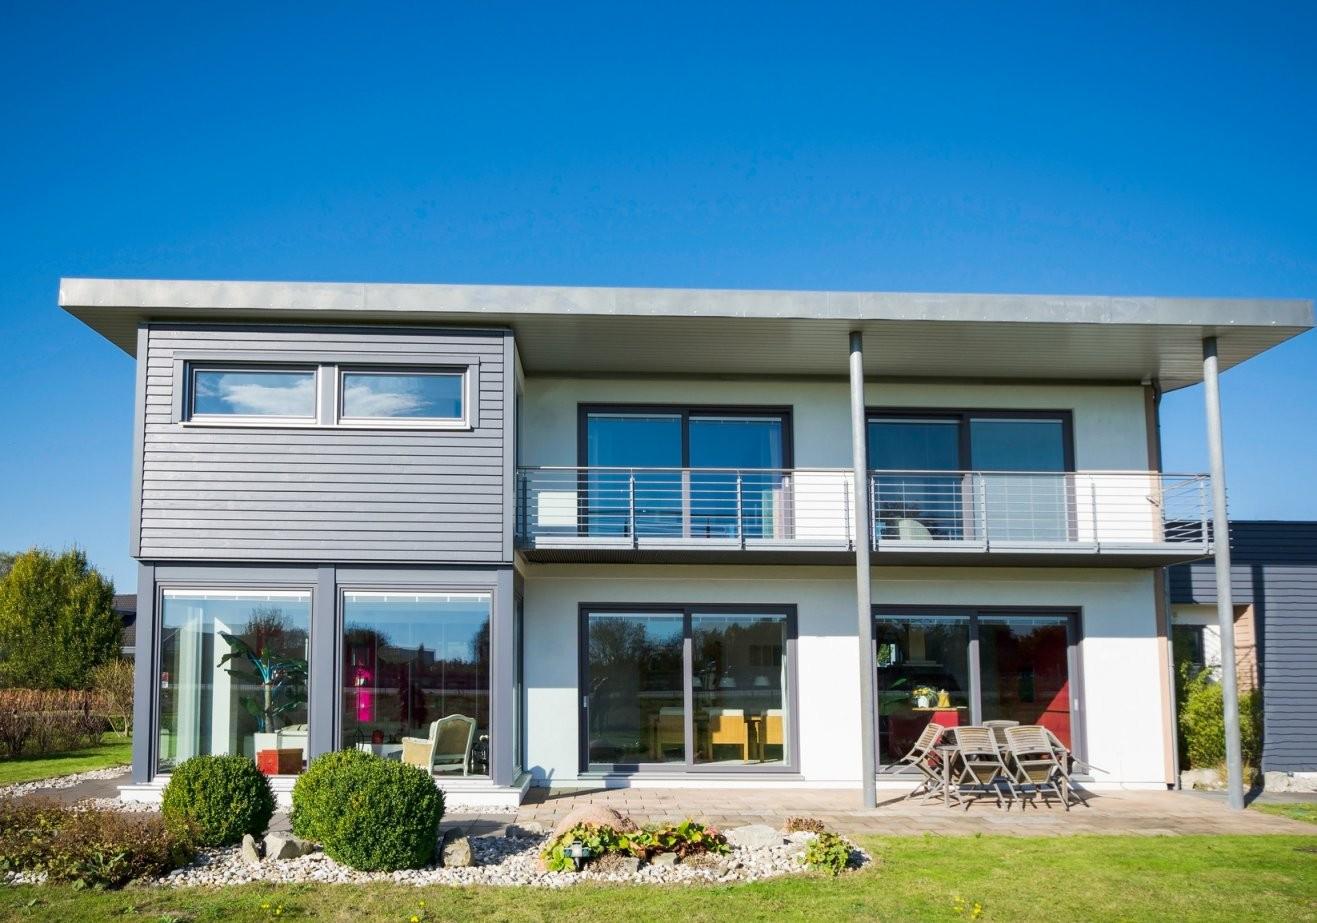 Modulare Häuser  Immonet Informiert Über Das Modulare Haus von Container Haus Kaufen Deutschland Photo